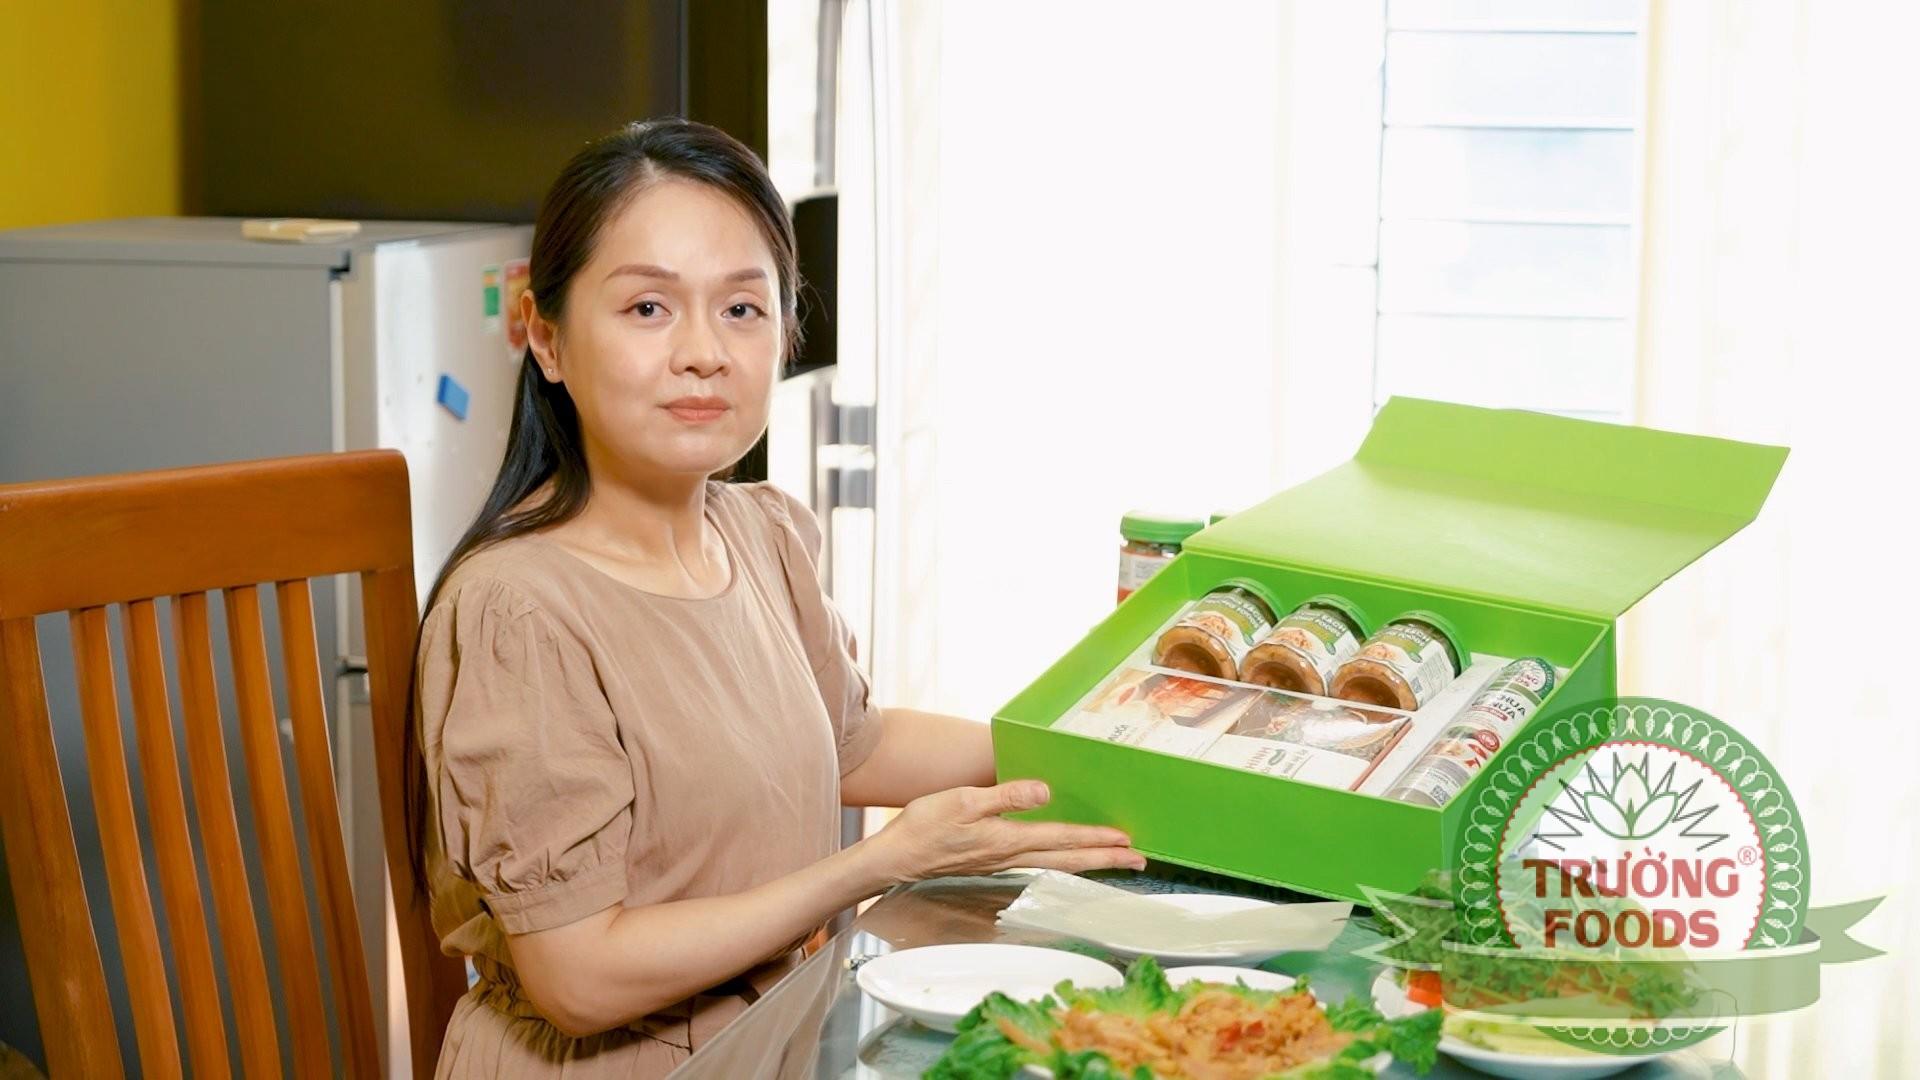 Chị Hà Kiều Oanh chia sẻ cảm nhận  về thịt chua Trường Foods